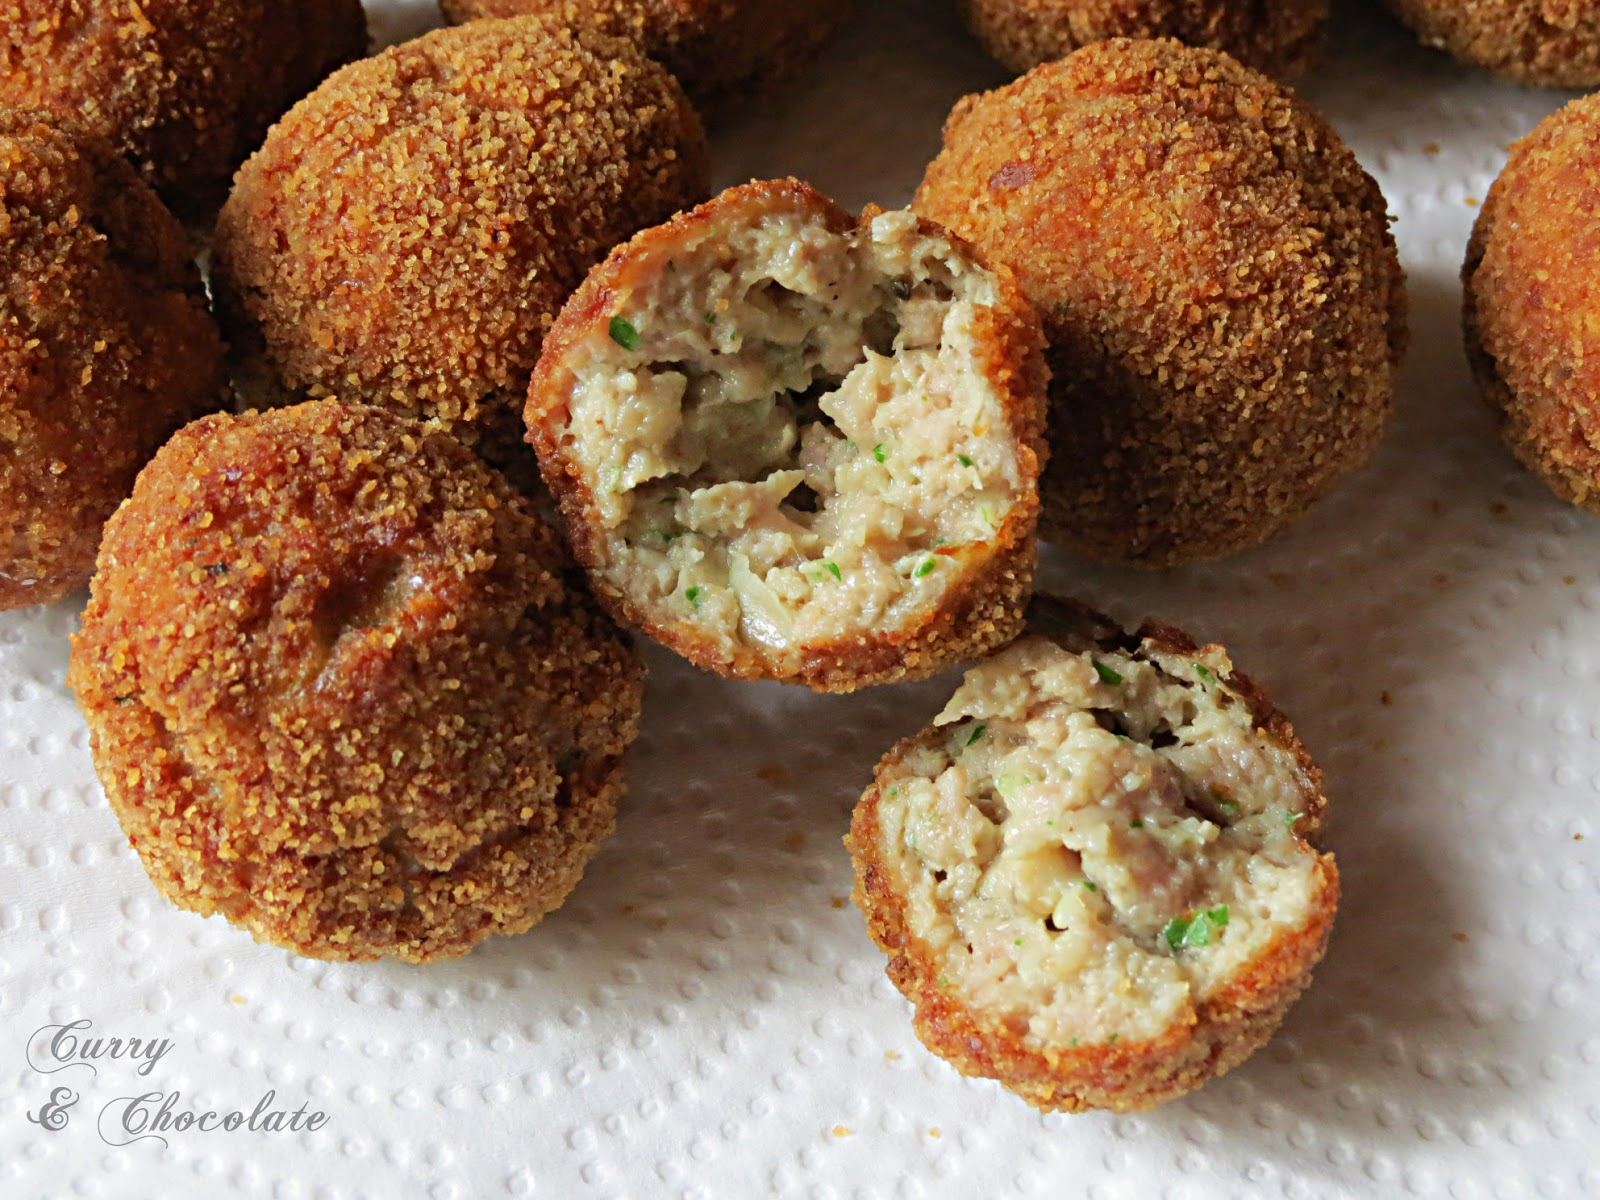 Albóndigas de cerdo jugosas, receta básica - Pork meatballs, basic recipe